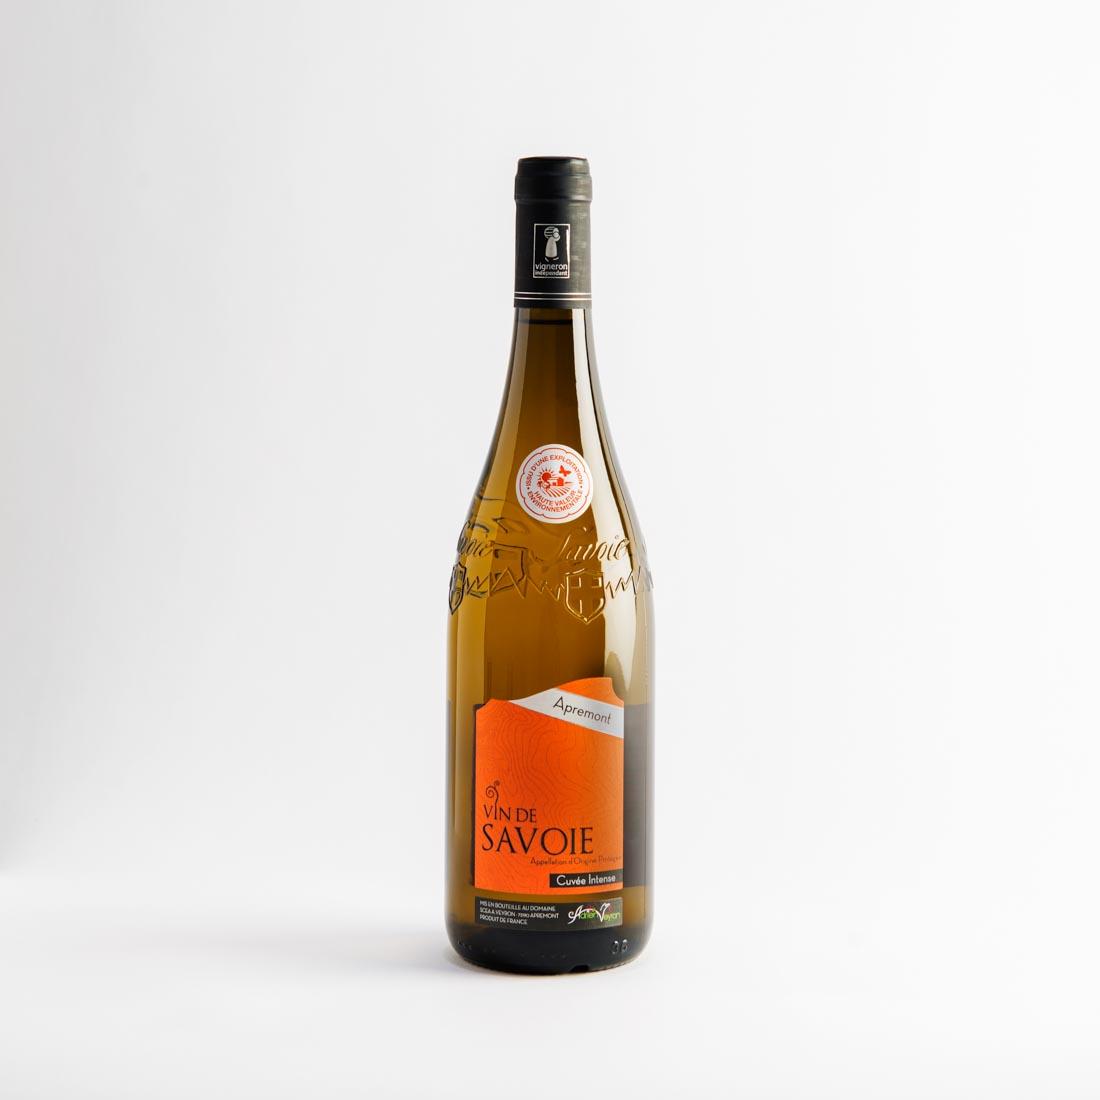 vins de savoie apremont intense adrien veyron et fils